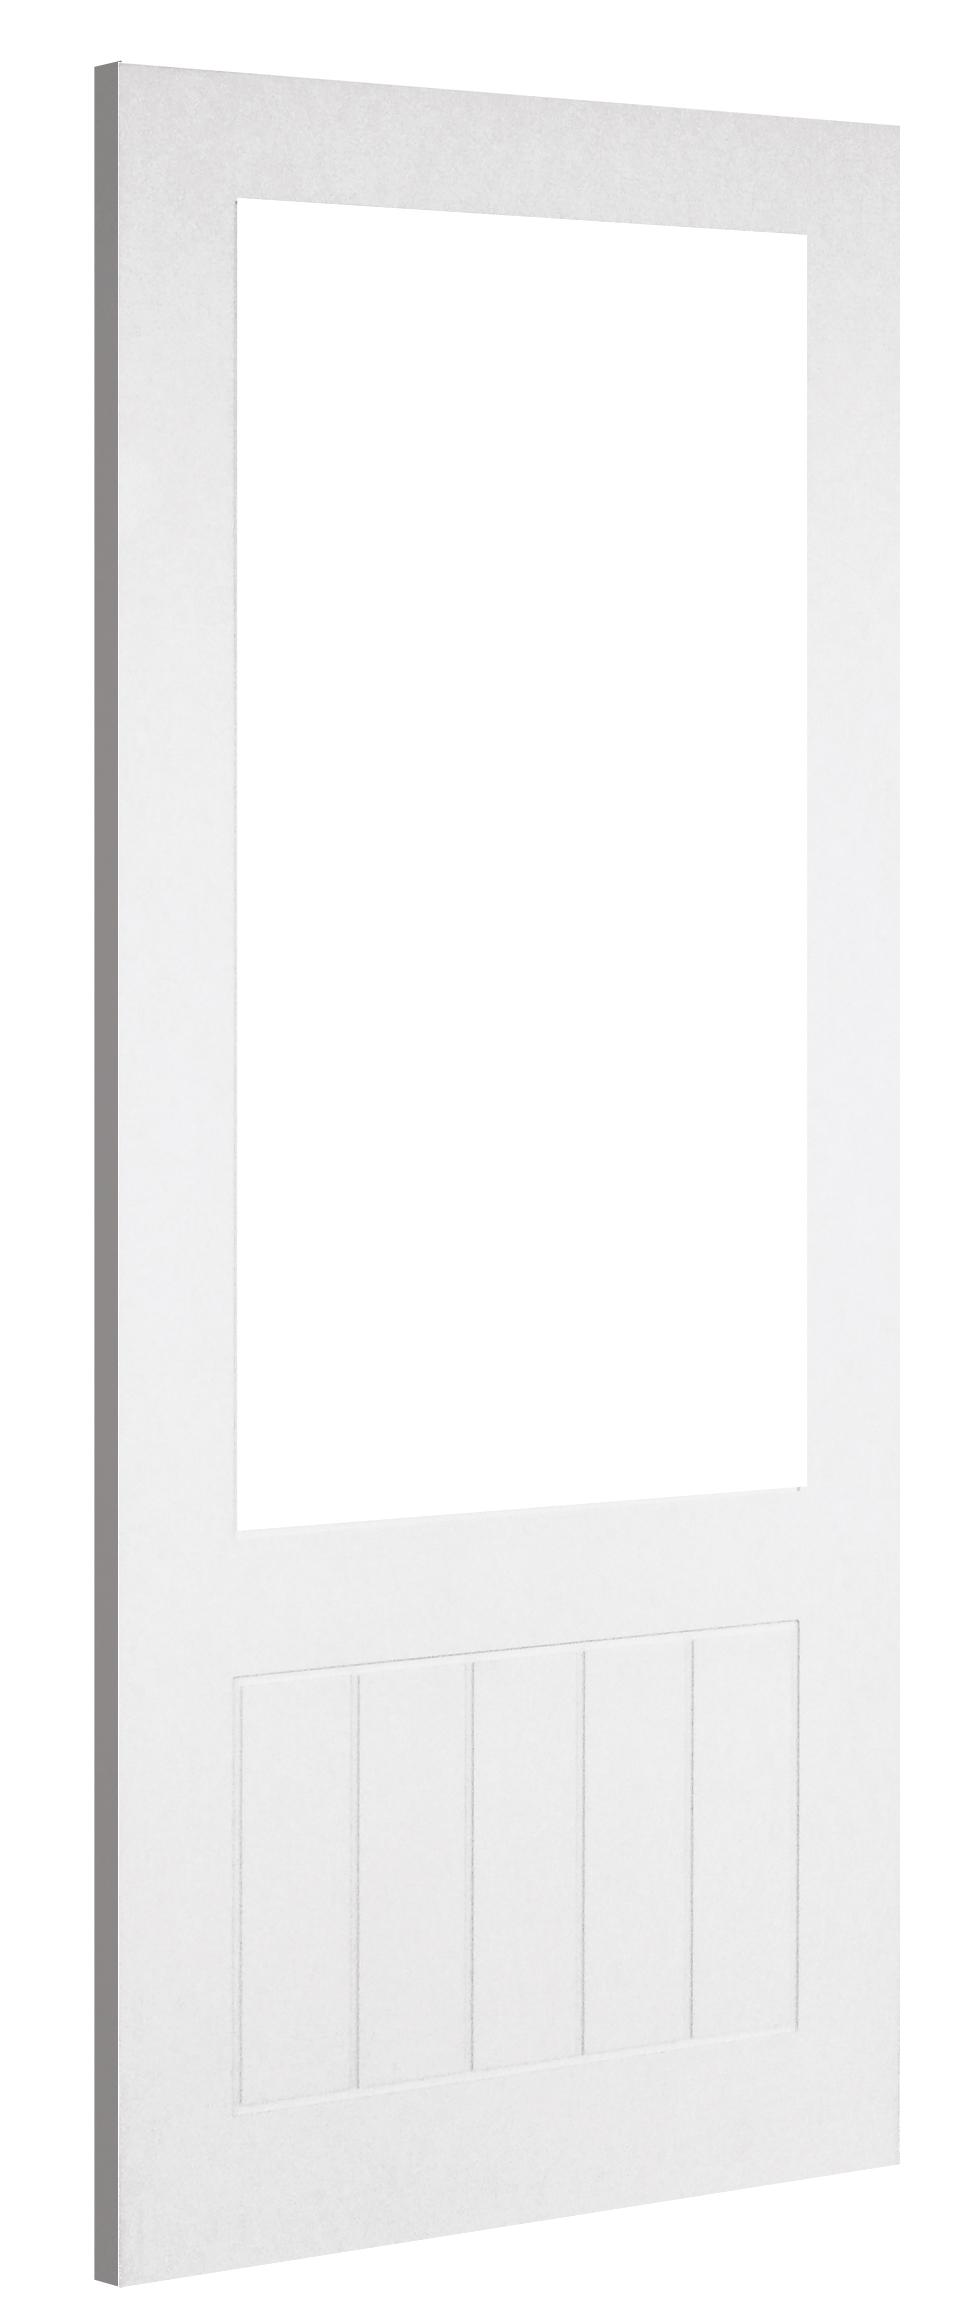 Primed Doors HP38G-UNG